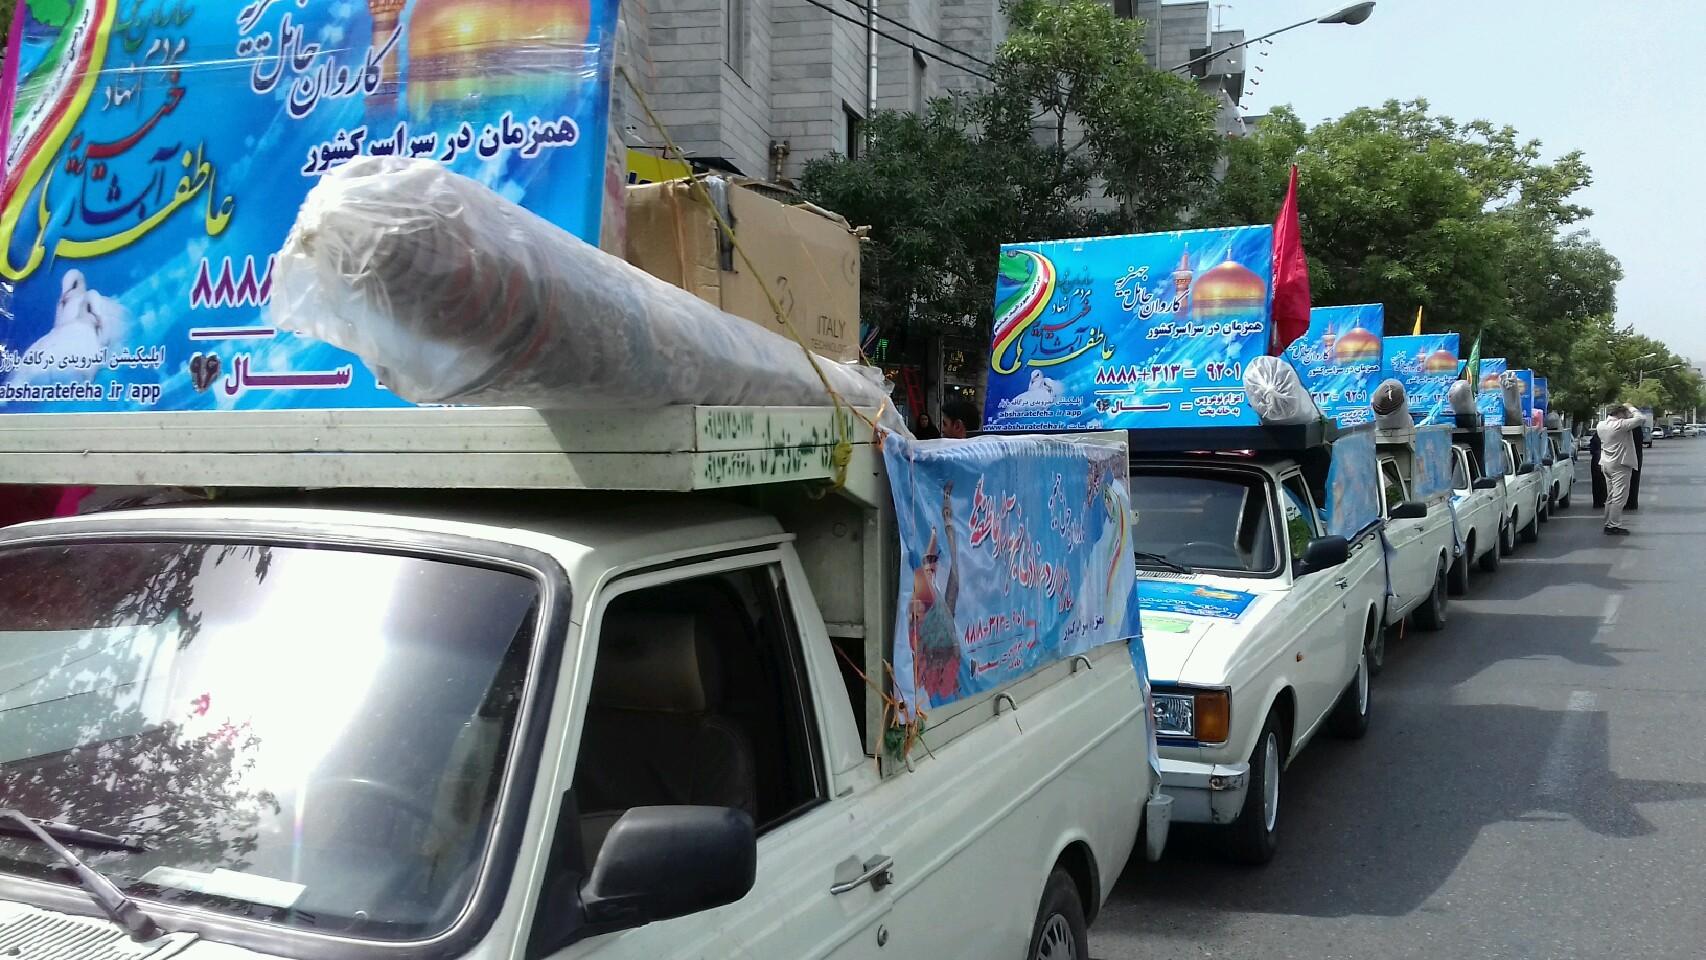 اهدای ۱۱۰ جهیزیه برای نوعروسان استان همدان در دهه کرامت